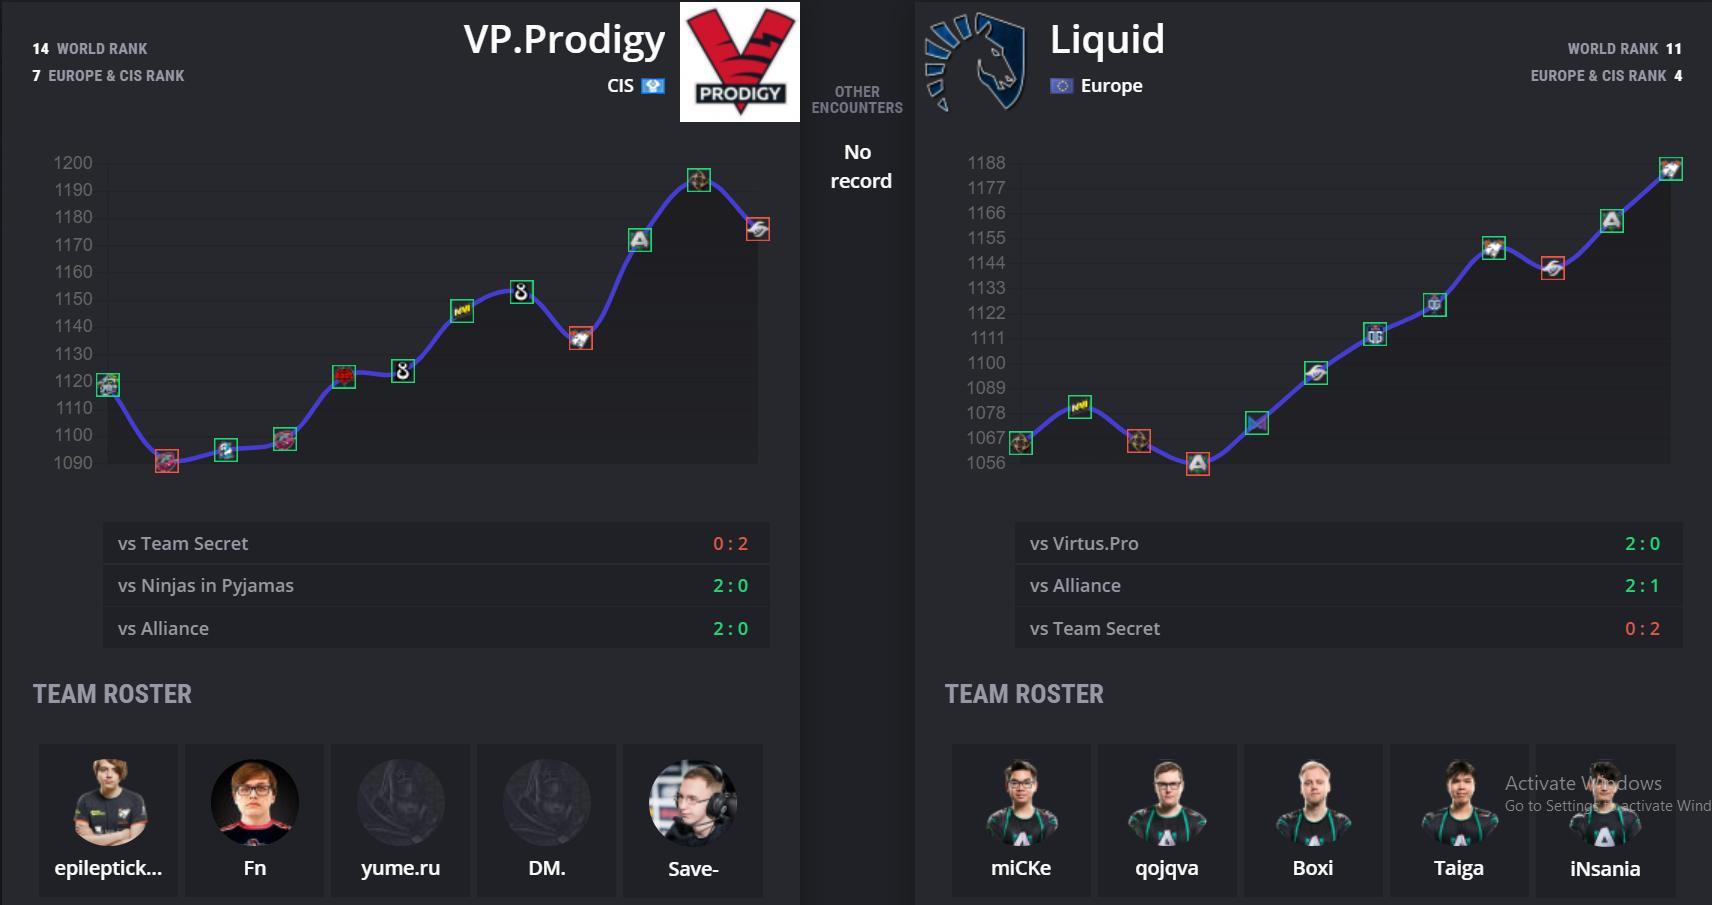 api cdn.gametv.vn 2e555cc4205d54d85bf969a958c9942b - WePlay! Pushka League: Liquid vs VP.Prodigy - Sức trẻ đấu sức trẻ